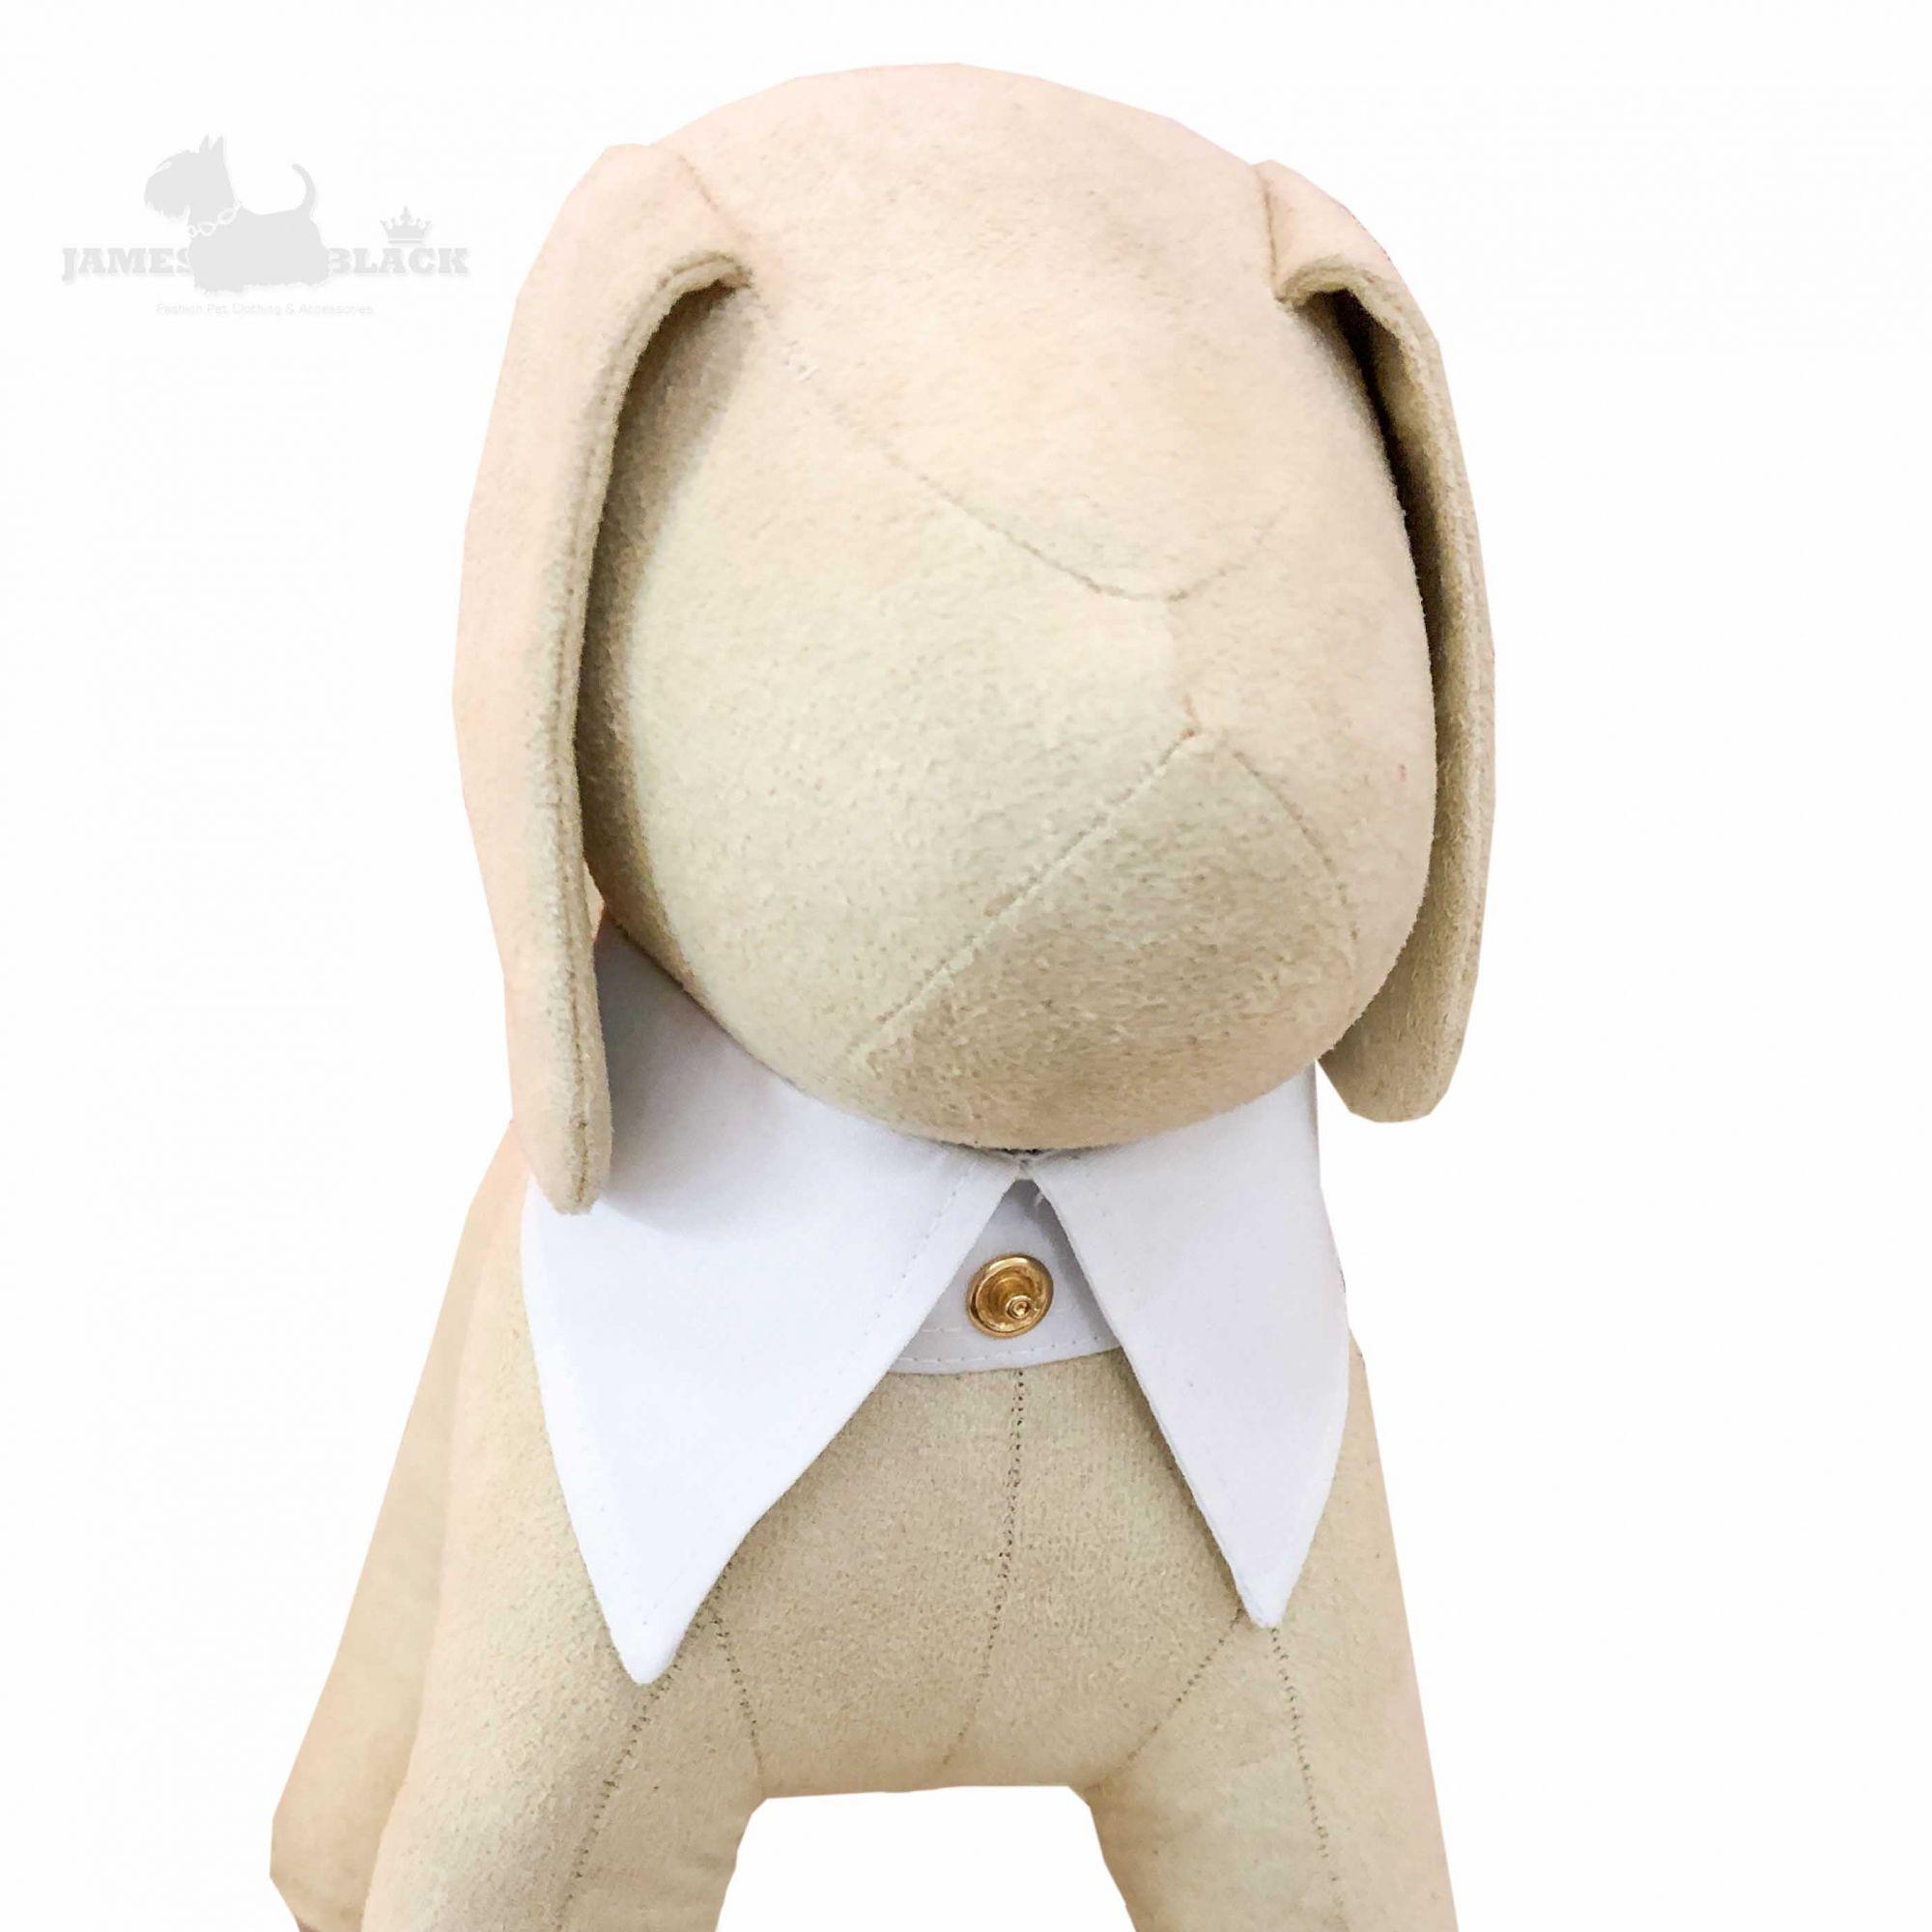 Colarinho com Gravata removível Branco com poá preto